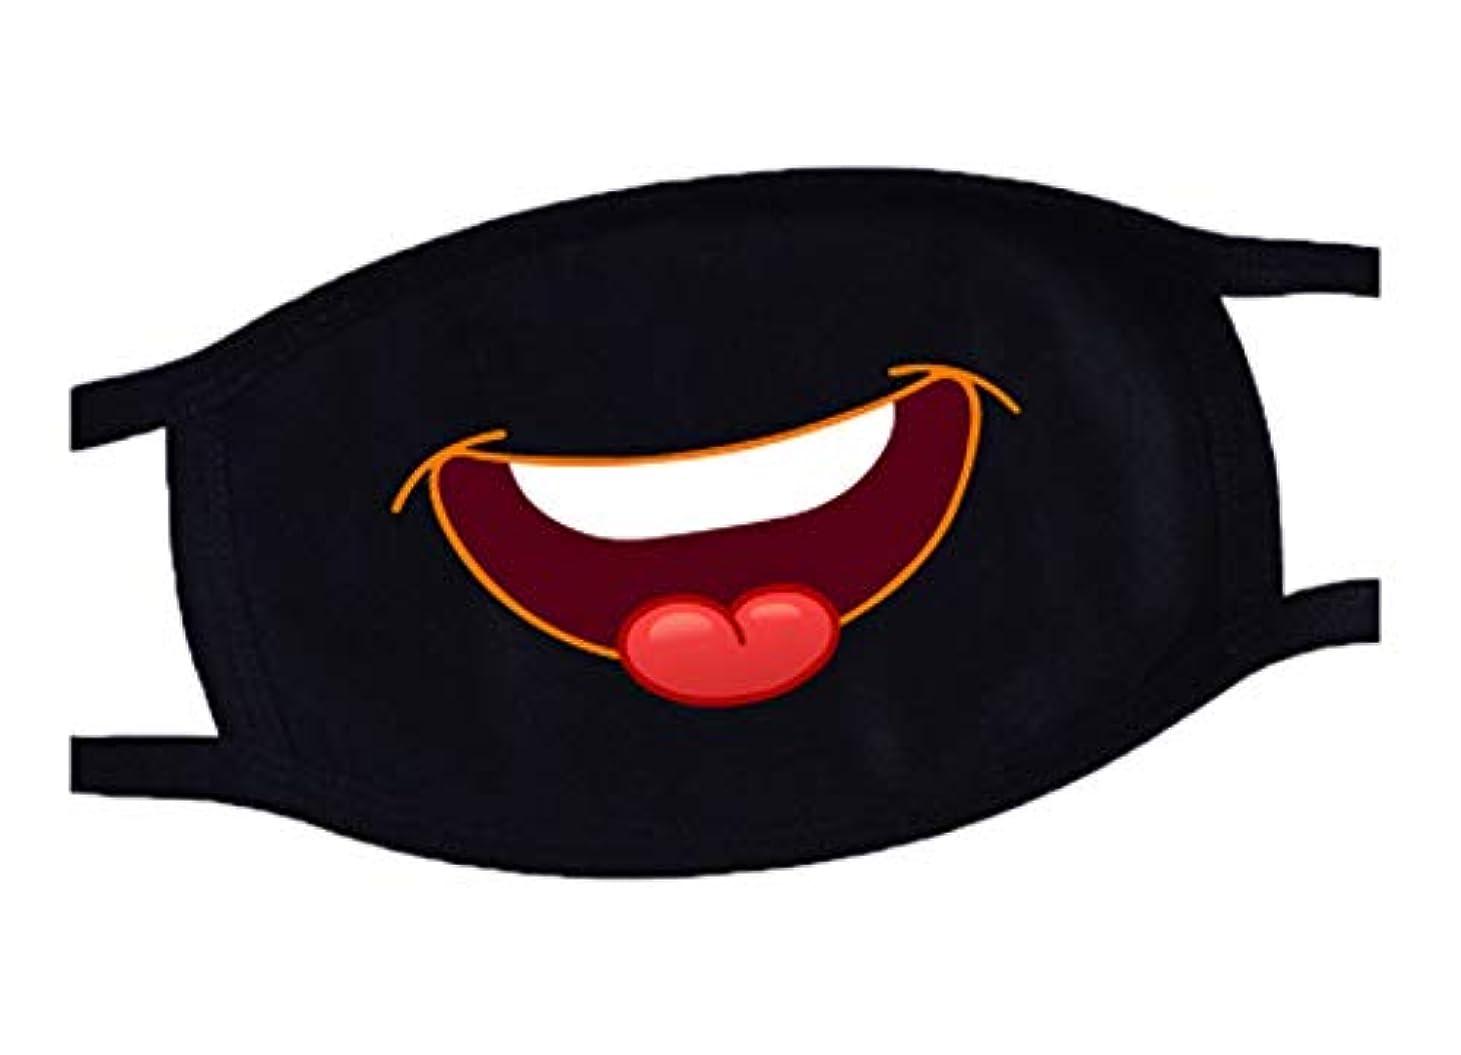 小屋補助金どうしたのブラック面白い口のマスク、かわいいユニセックスの顔の口のマスク、ティーンズ、F1